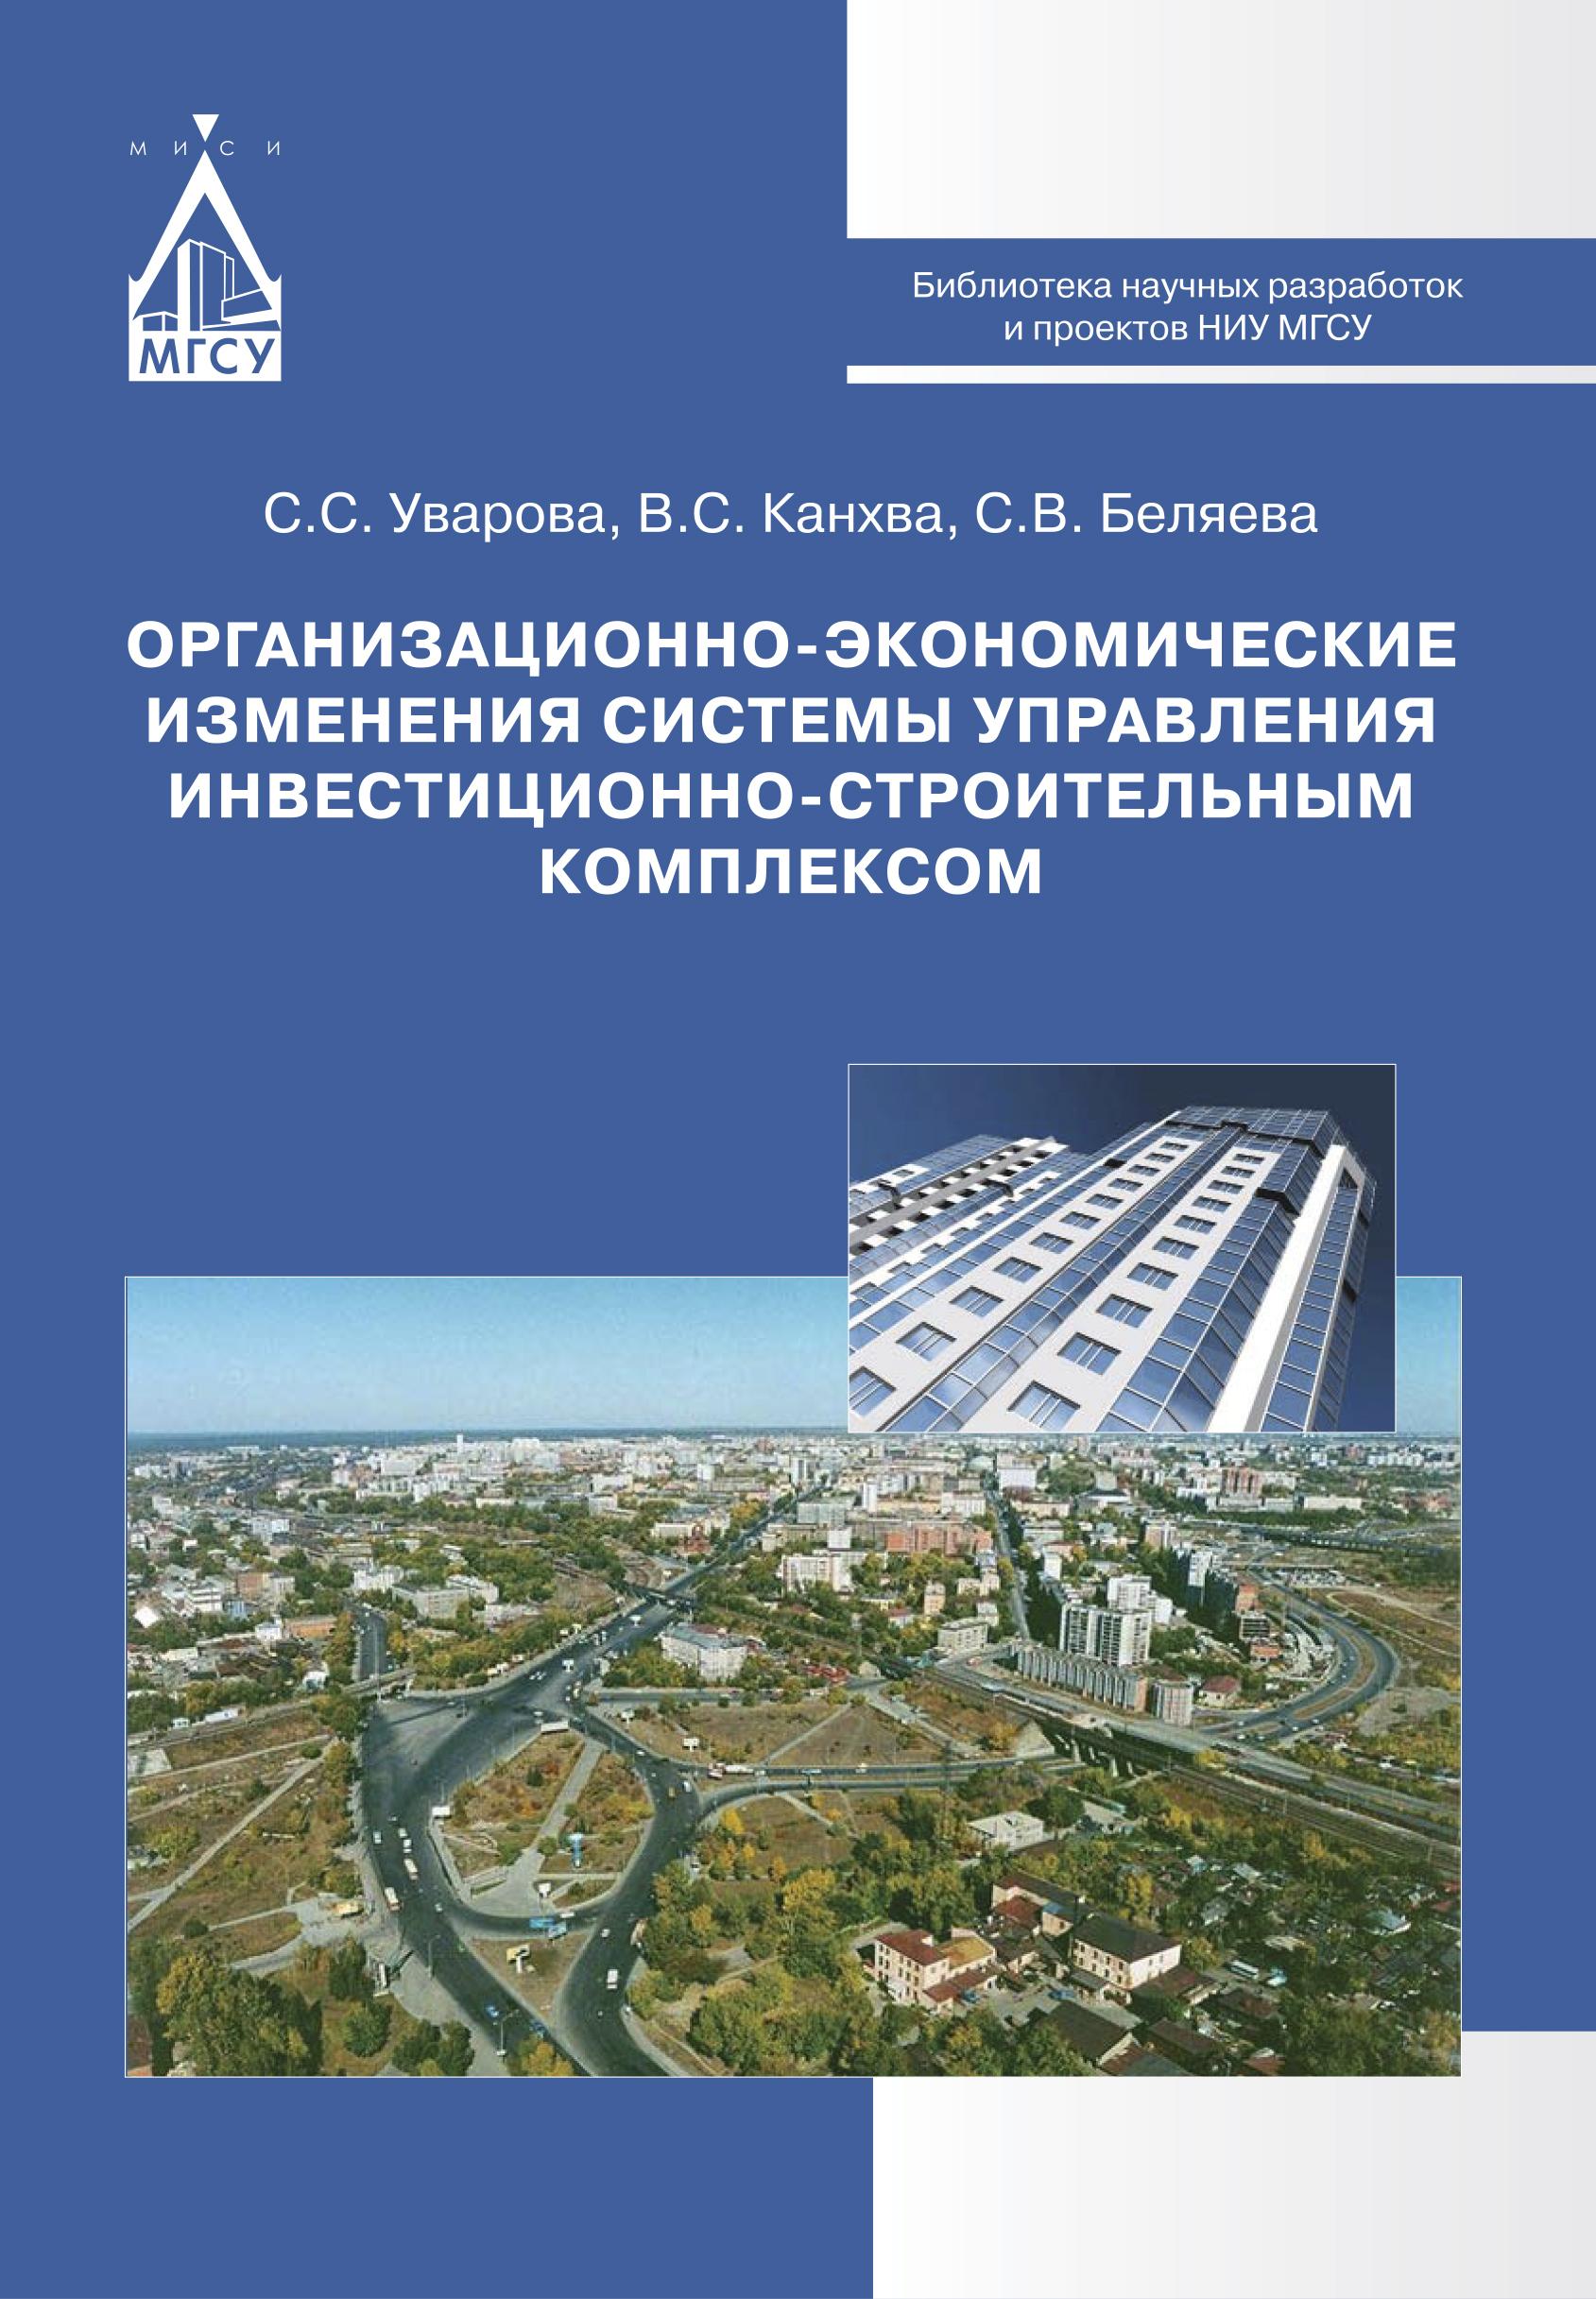 Светлана Беляева Организационно-экономические изменения системы управления инвестиционно-строительным комплексом